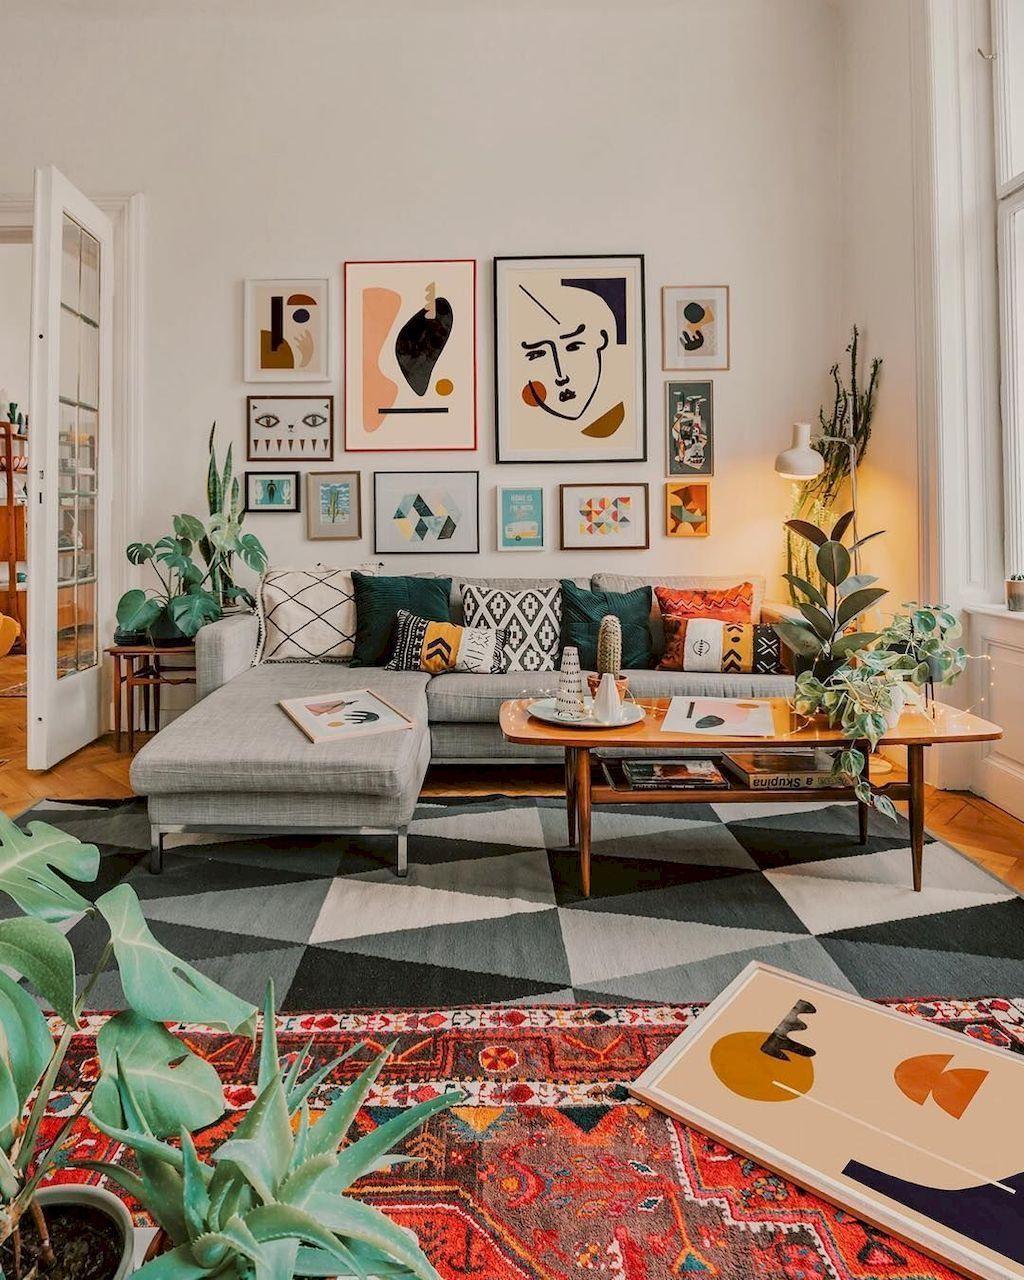 45 Smart Small Living Room Decor Ideas In 2020 Small Mo